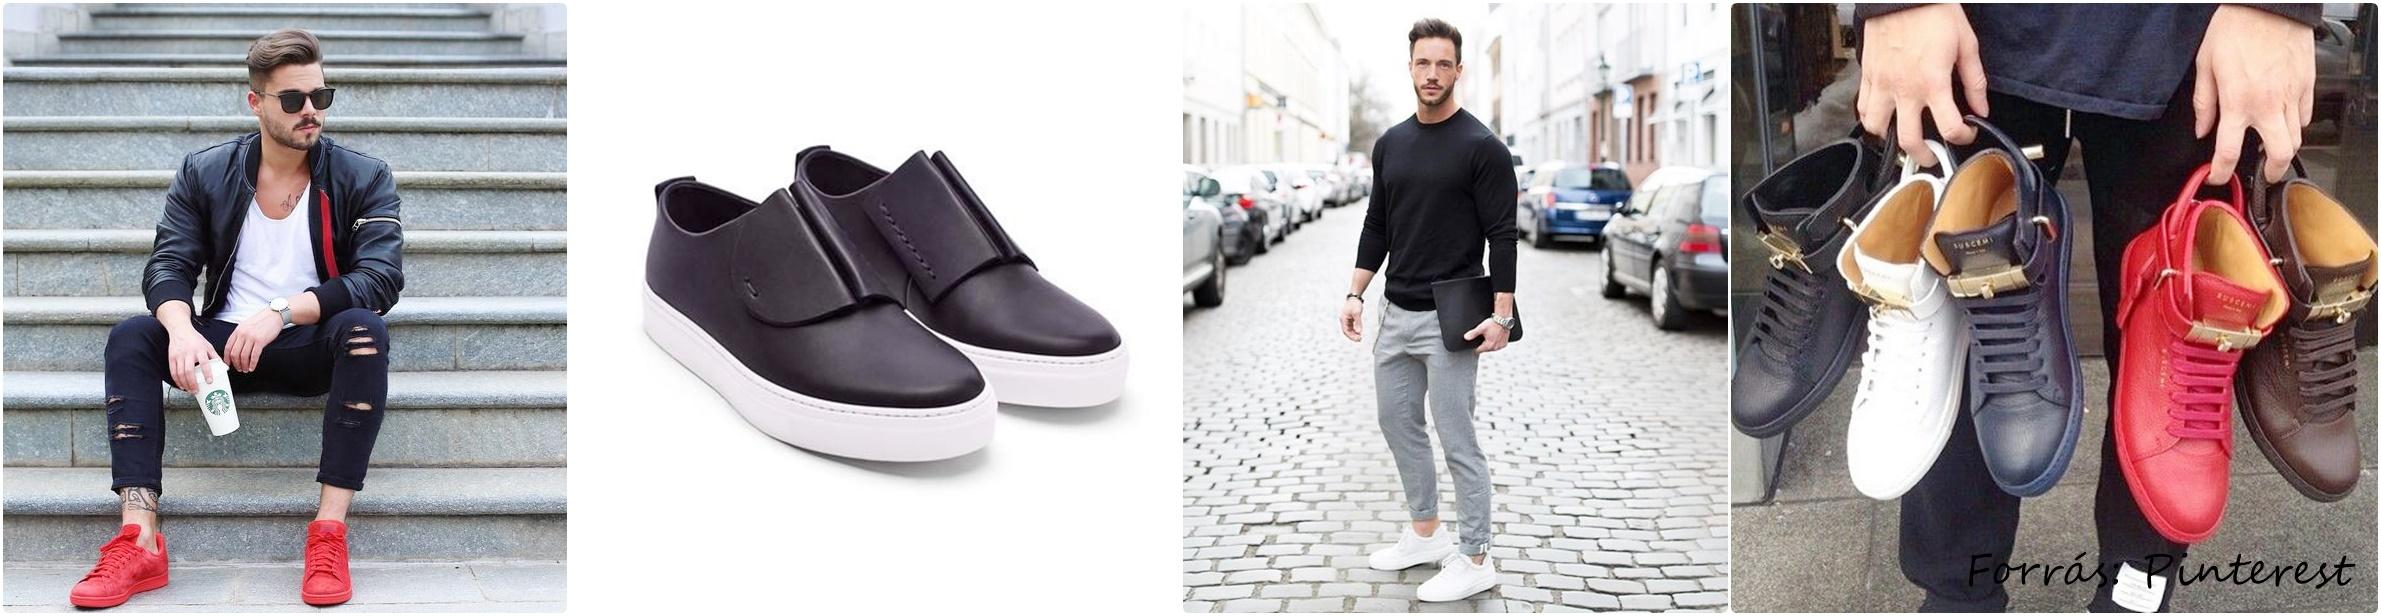 Nálam a TOP férfi cipő  fekete klasszikus Converse tornacipő. (nagyon  fontos d27e295756